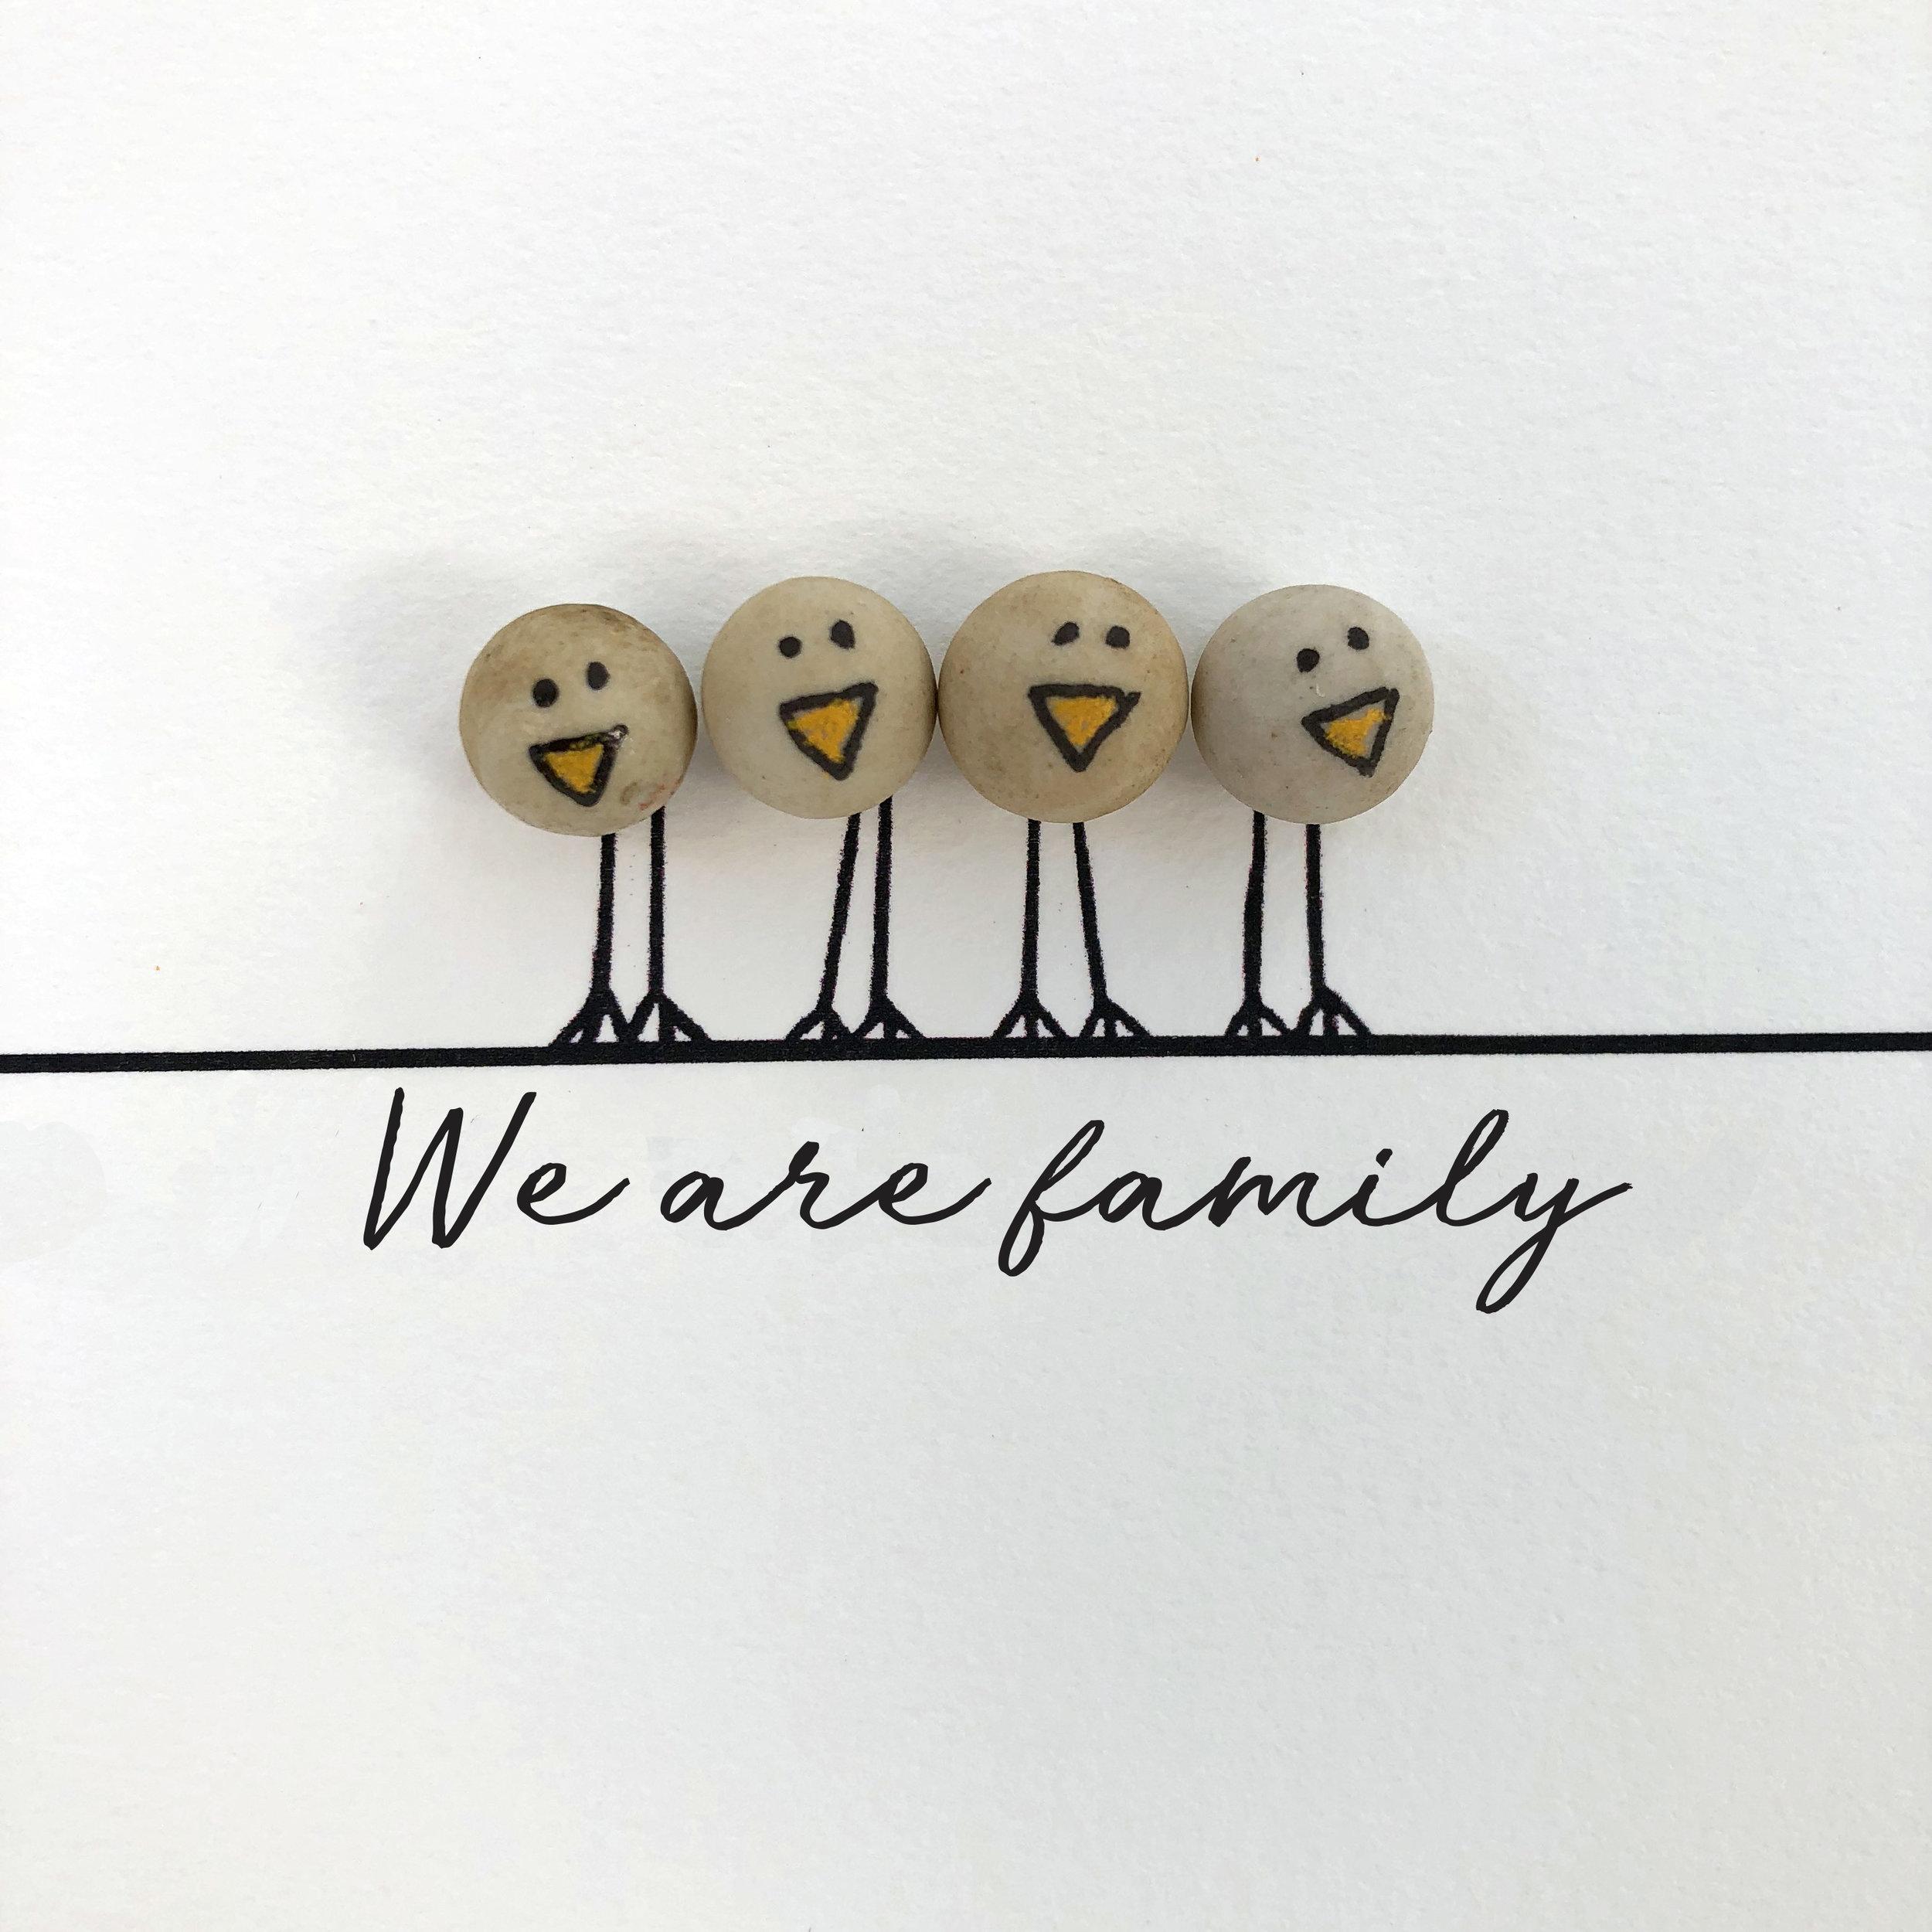 family 4_3.jpg